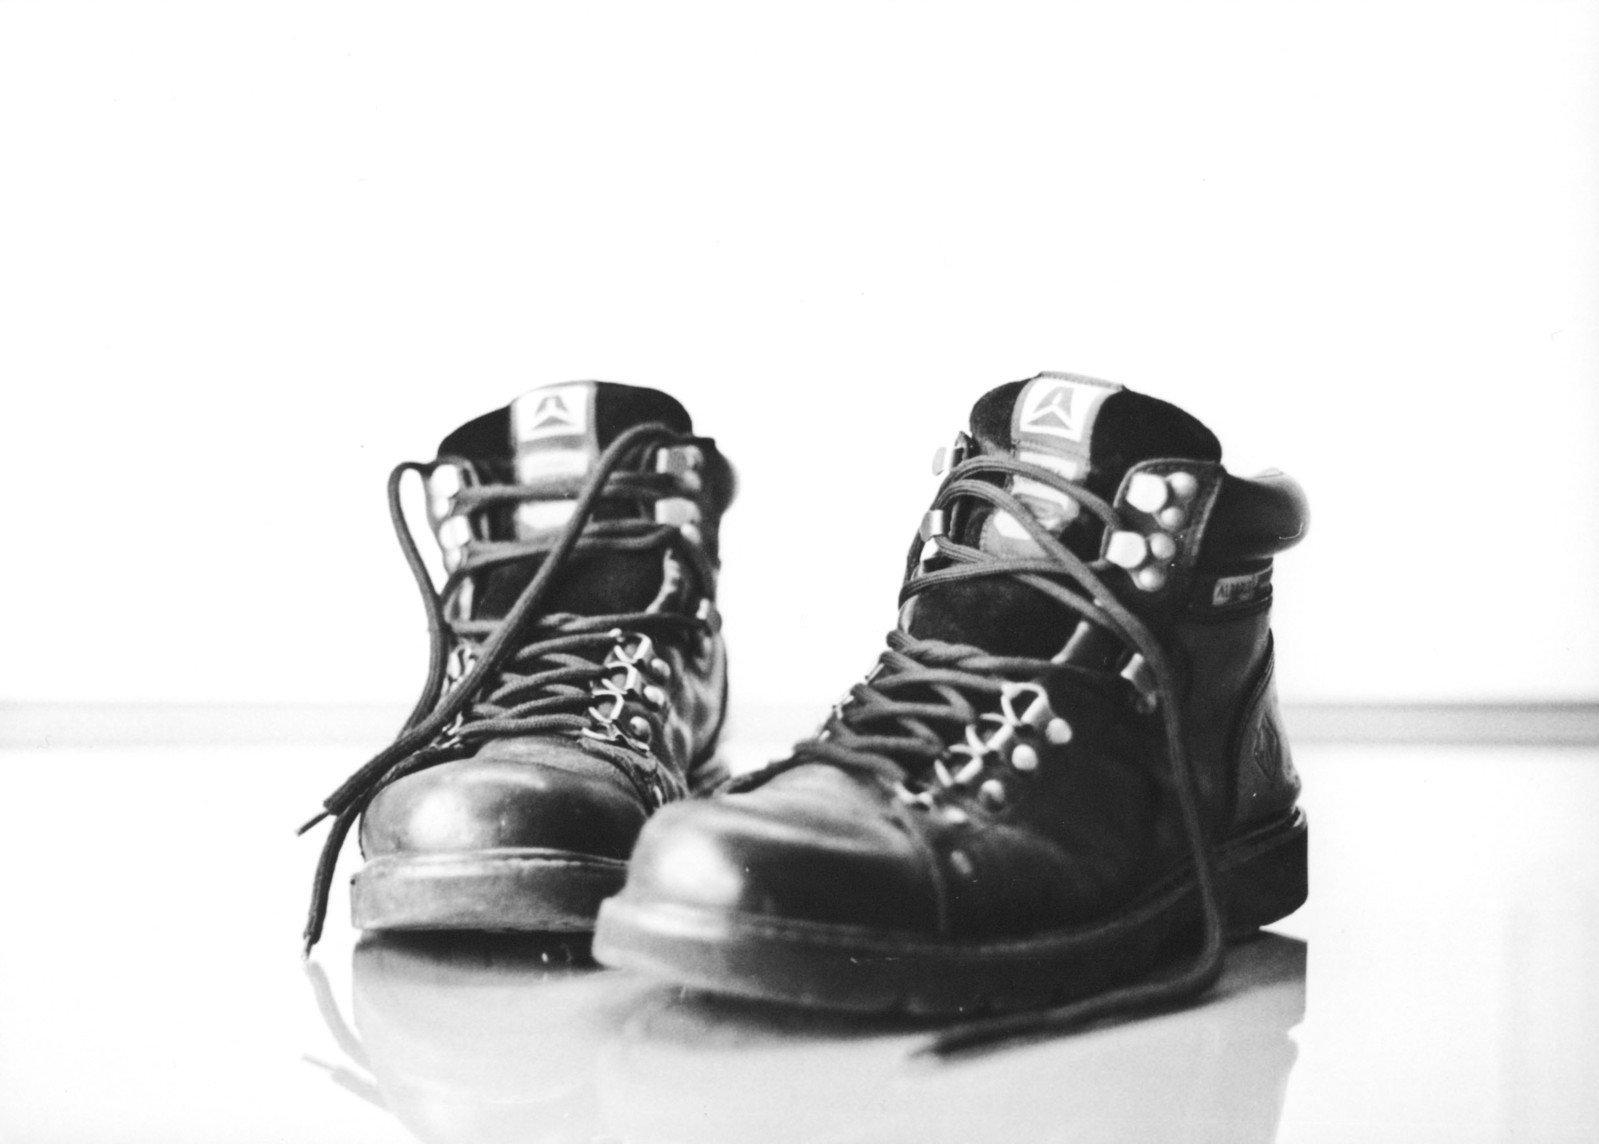 Schuhe machen Leute, oder wie war das?